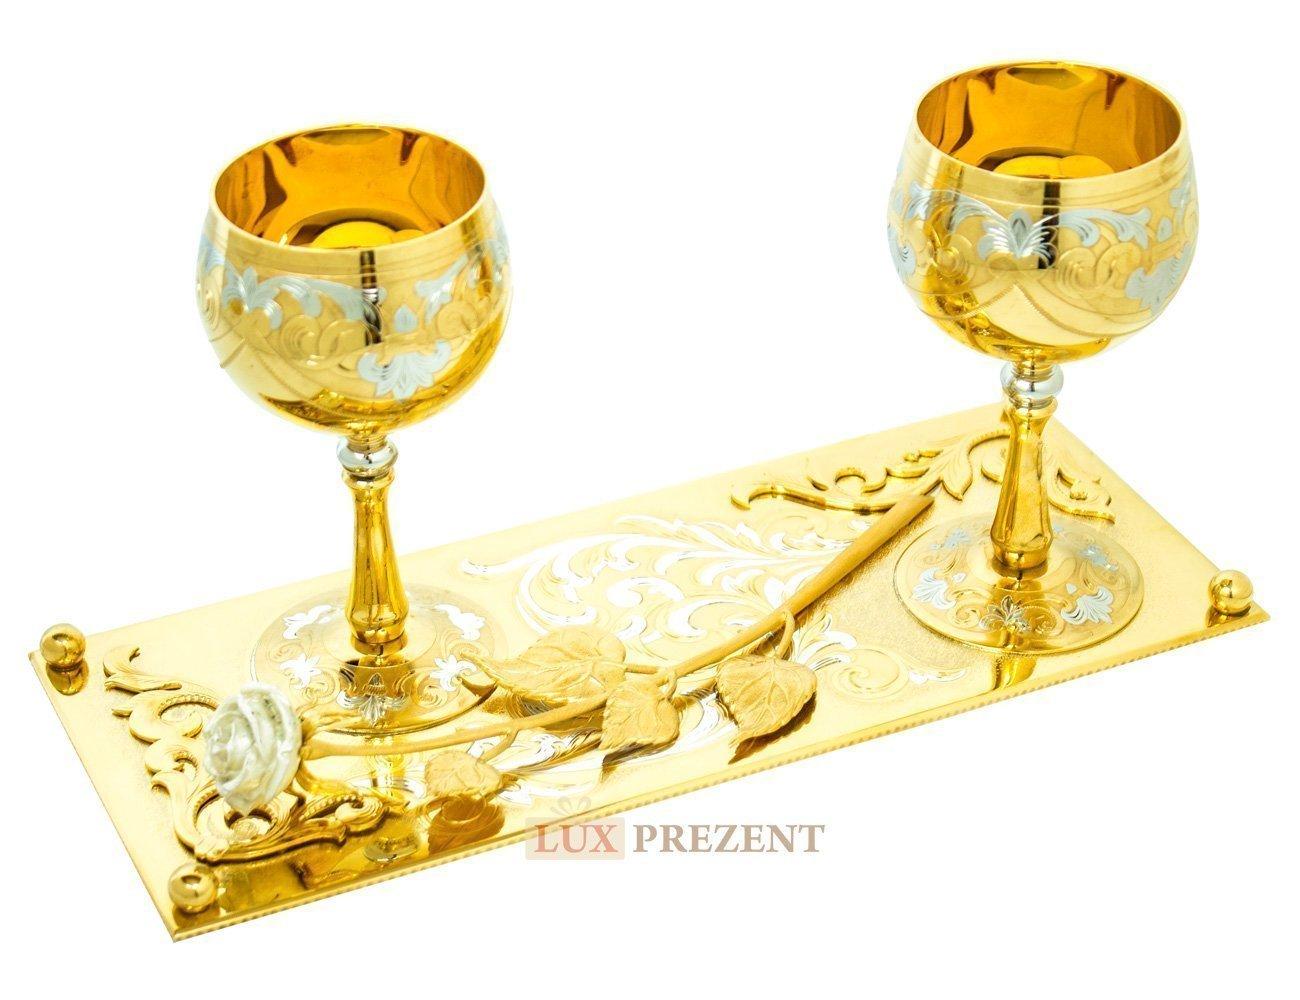 Подарок на золотую свадьбу родителям или бабушке, дедушке 74